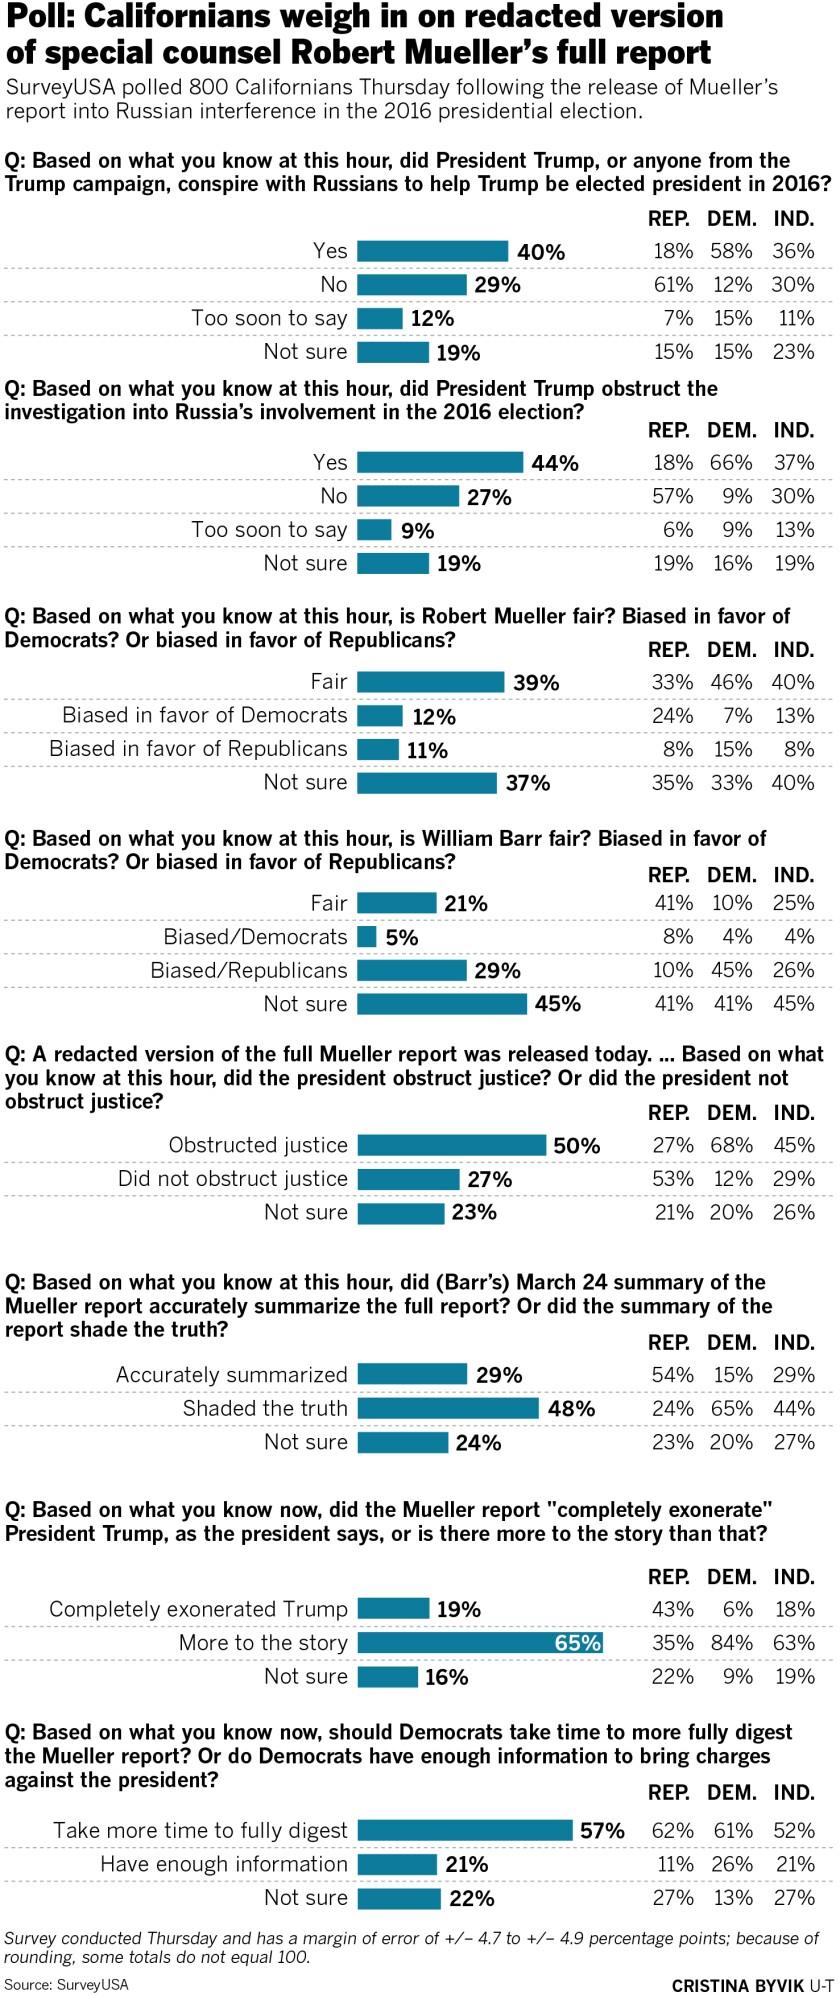 sd-me-g-mueller-report-poll-01.jpg